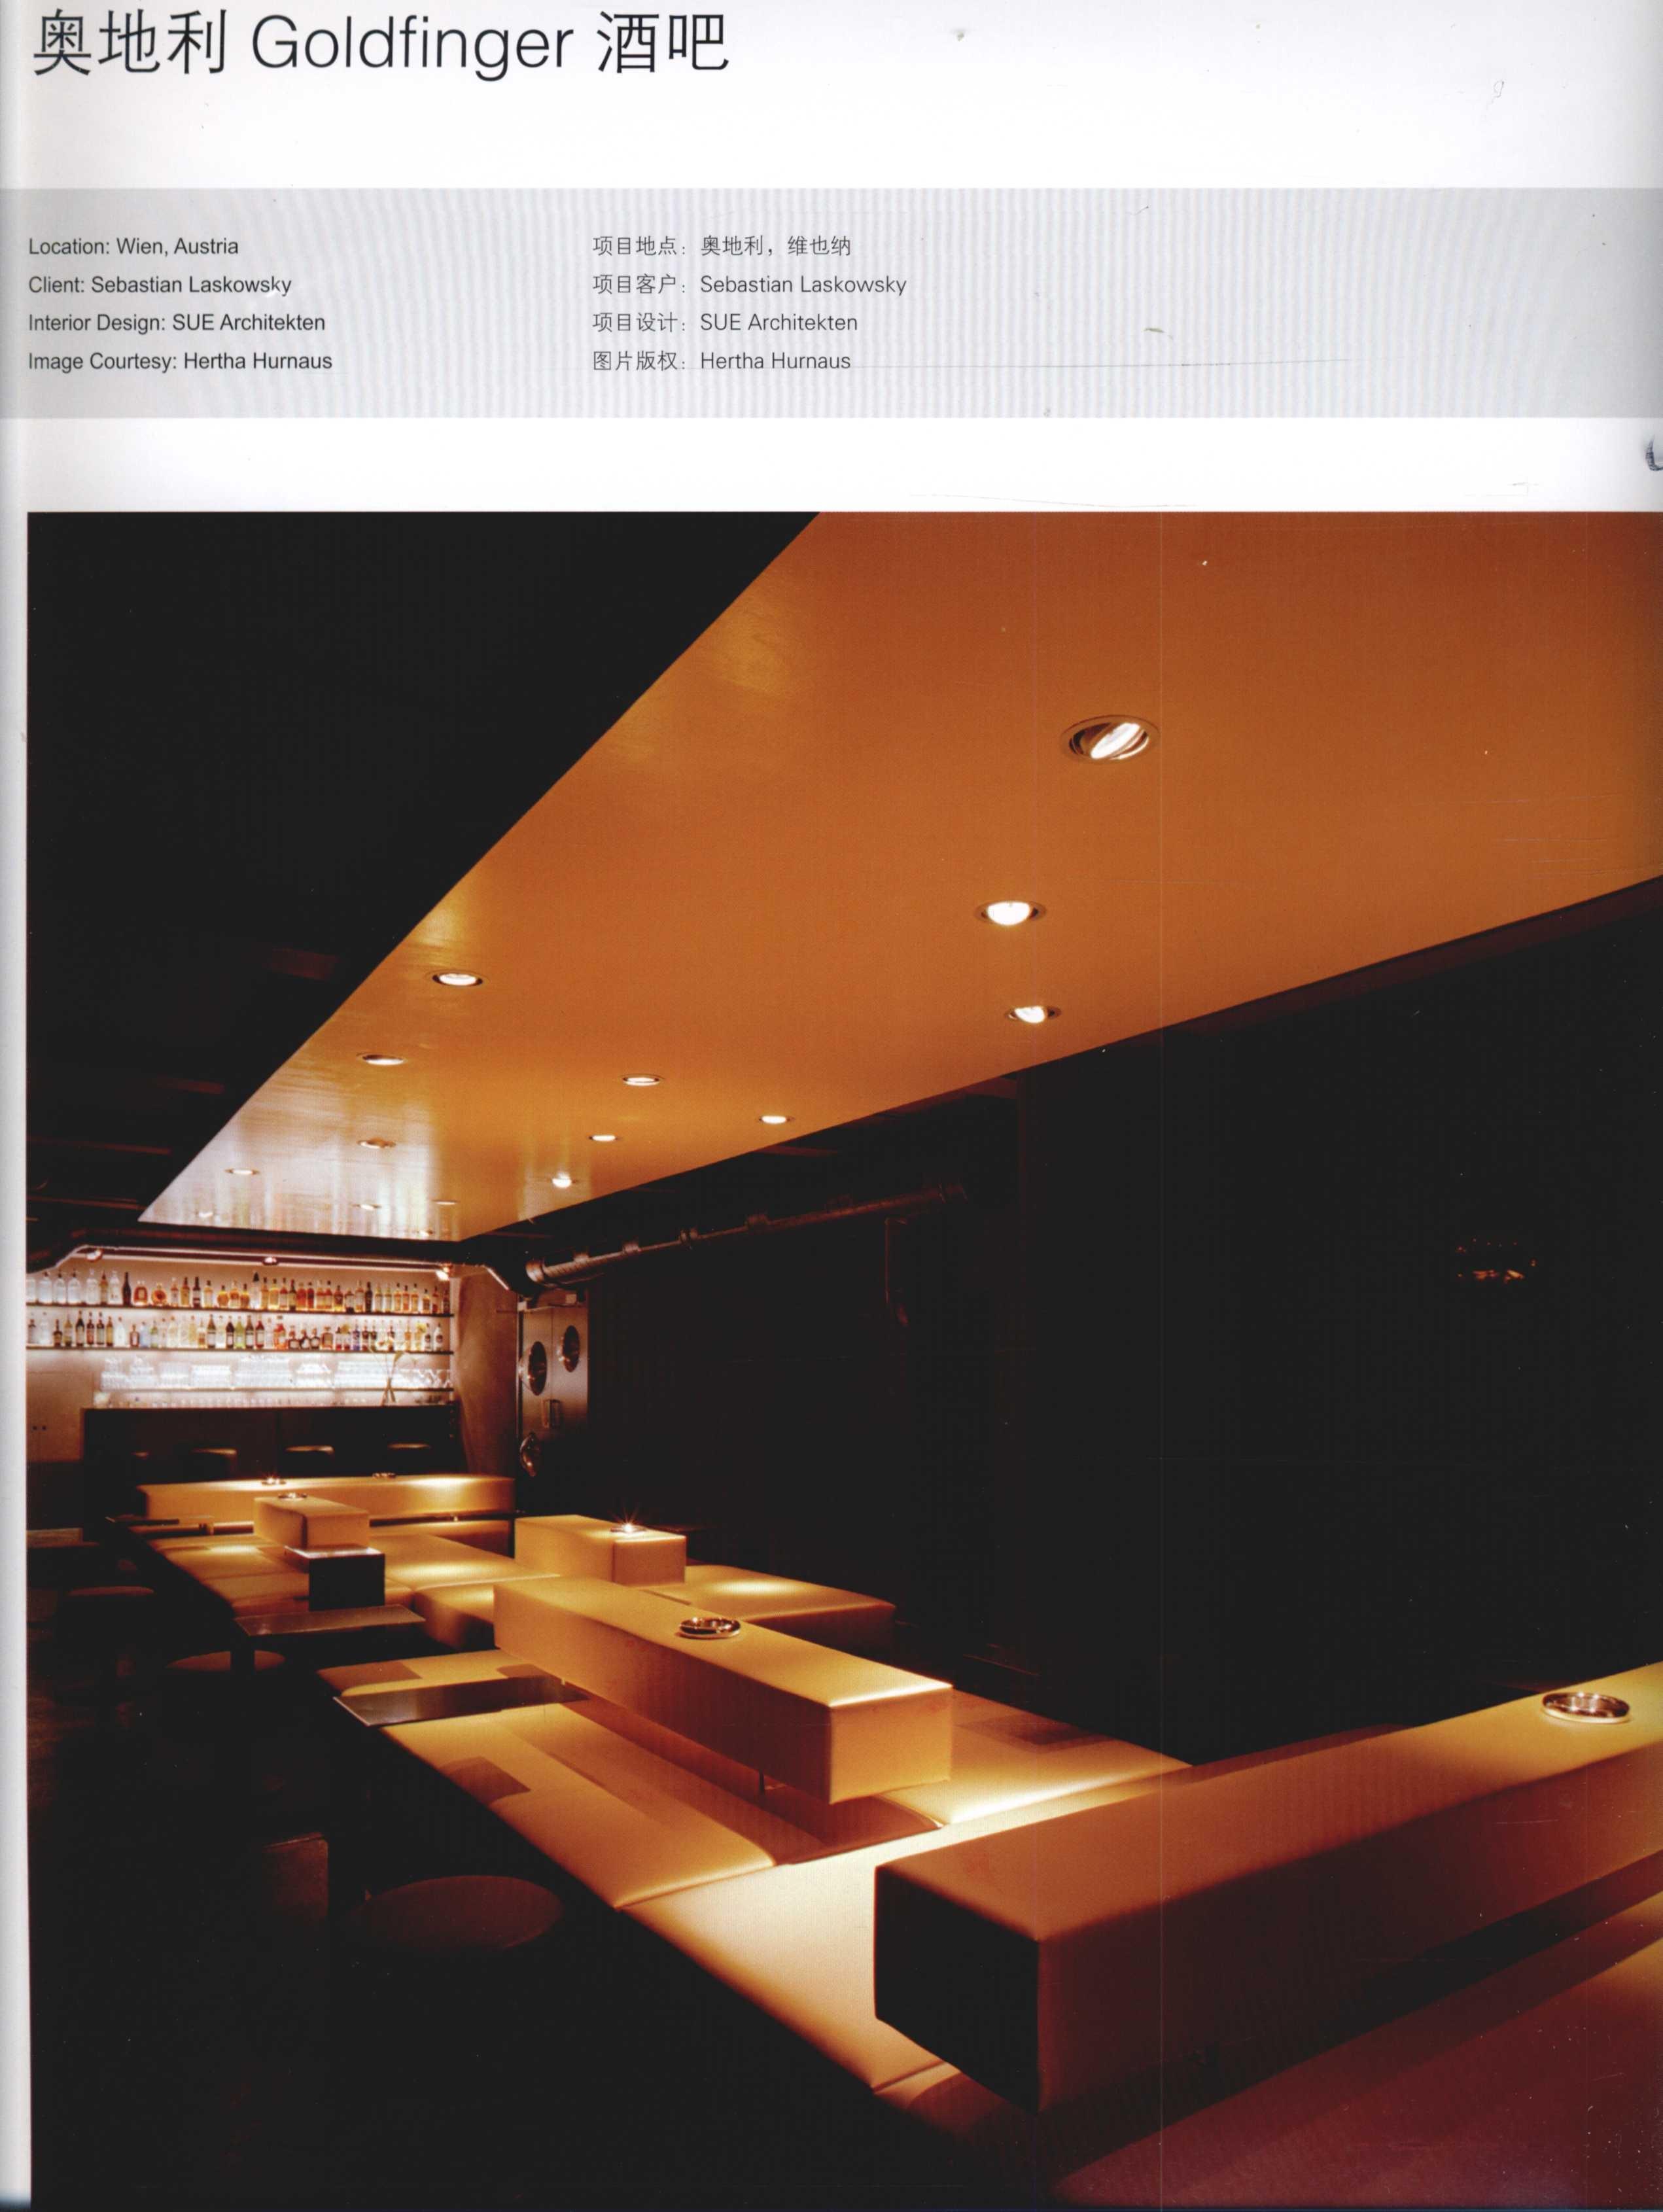 2012全球室内设计年鉴  餐饮_Page_186.jpg